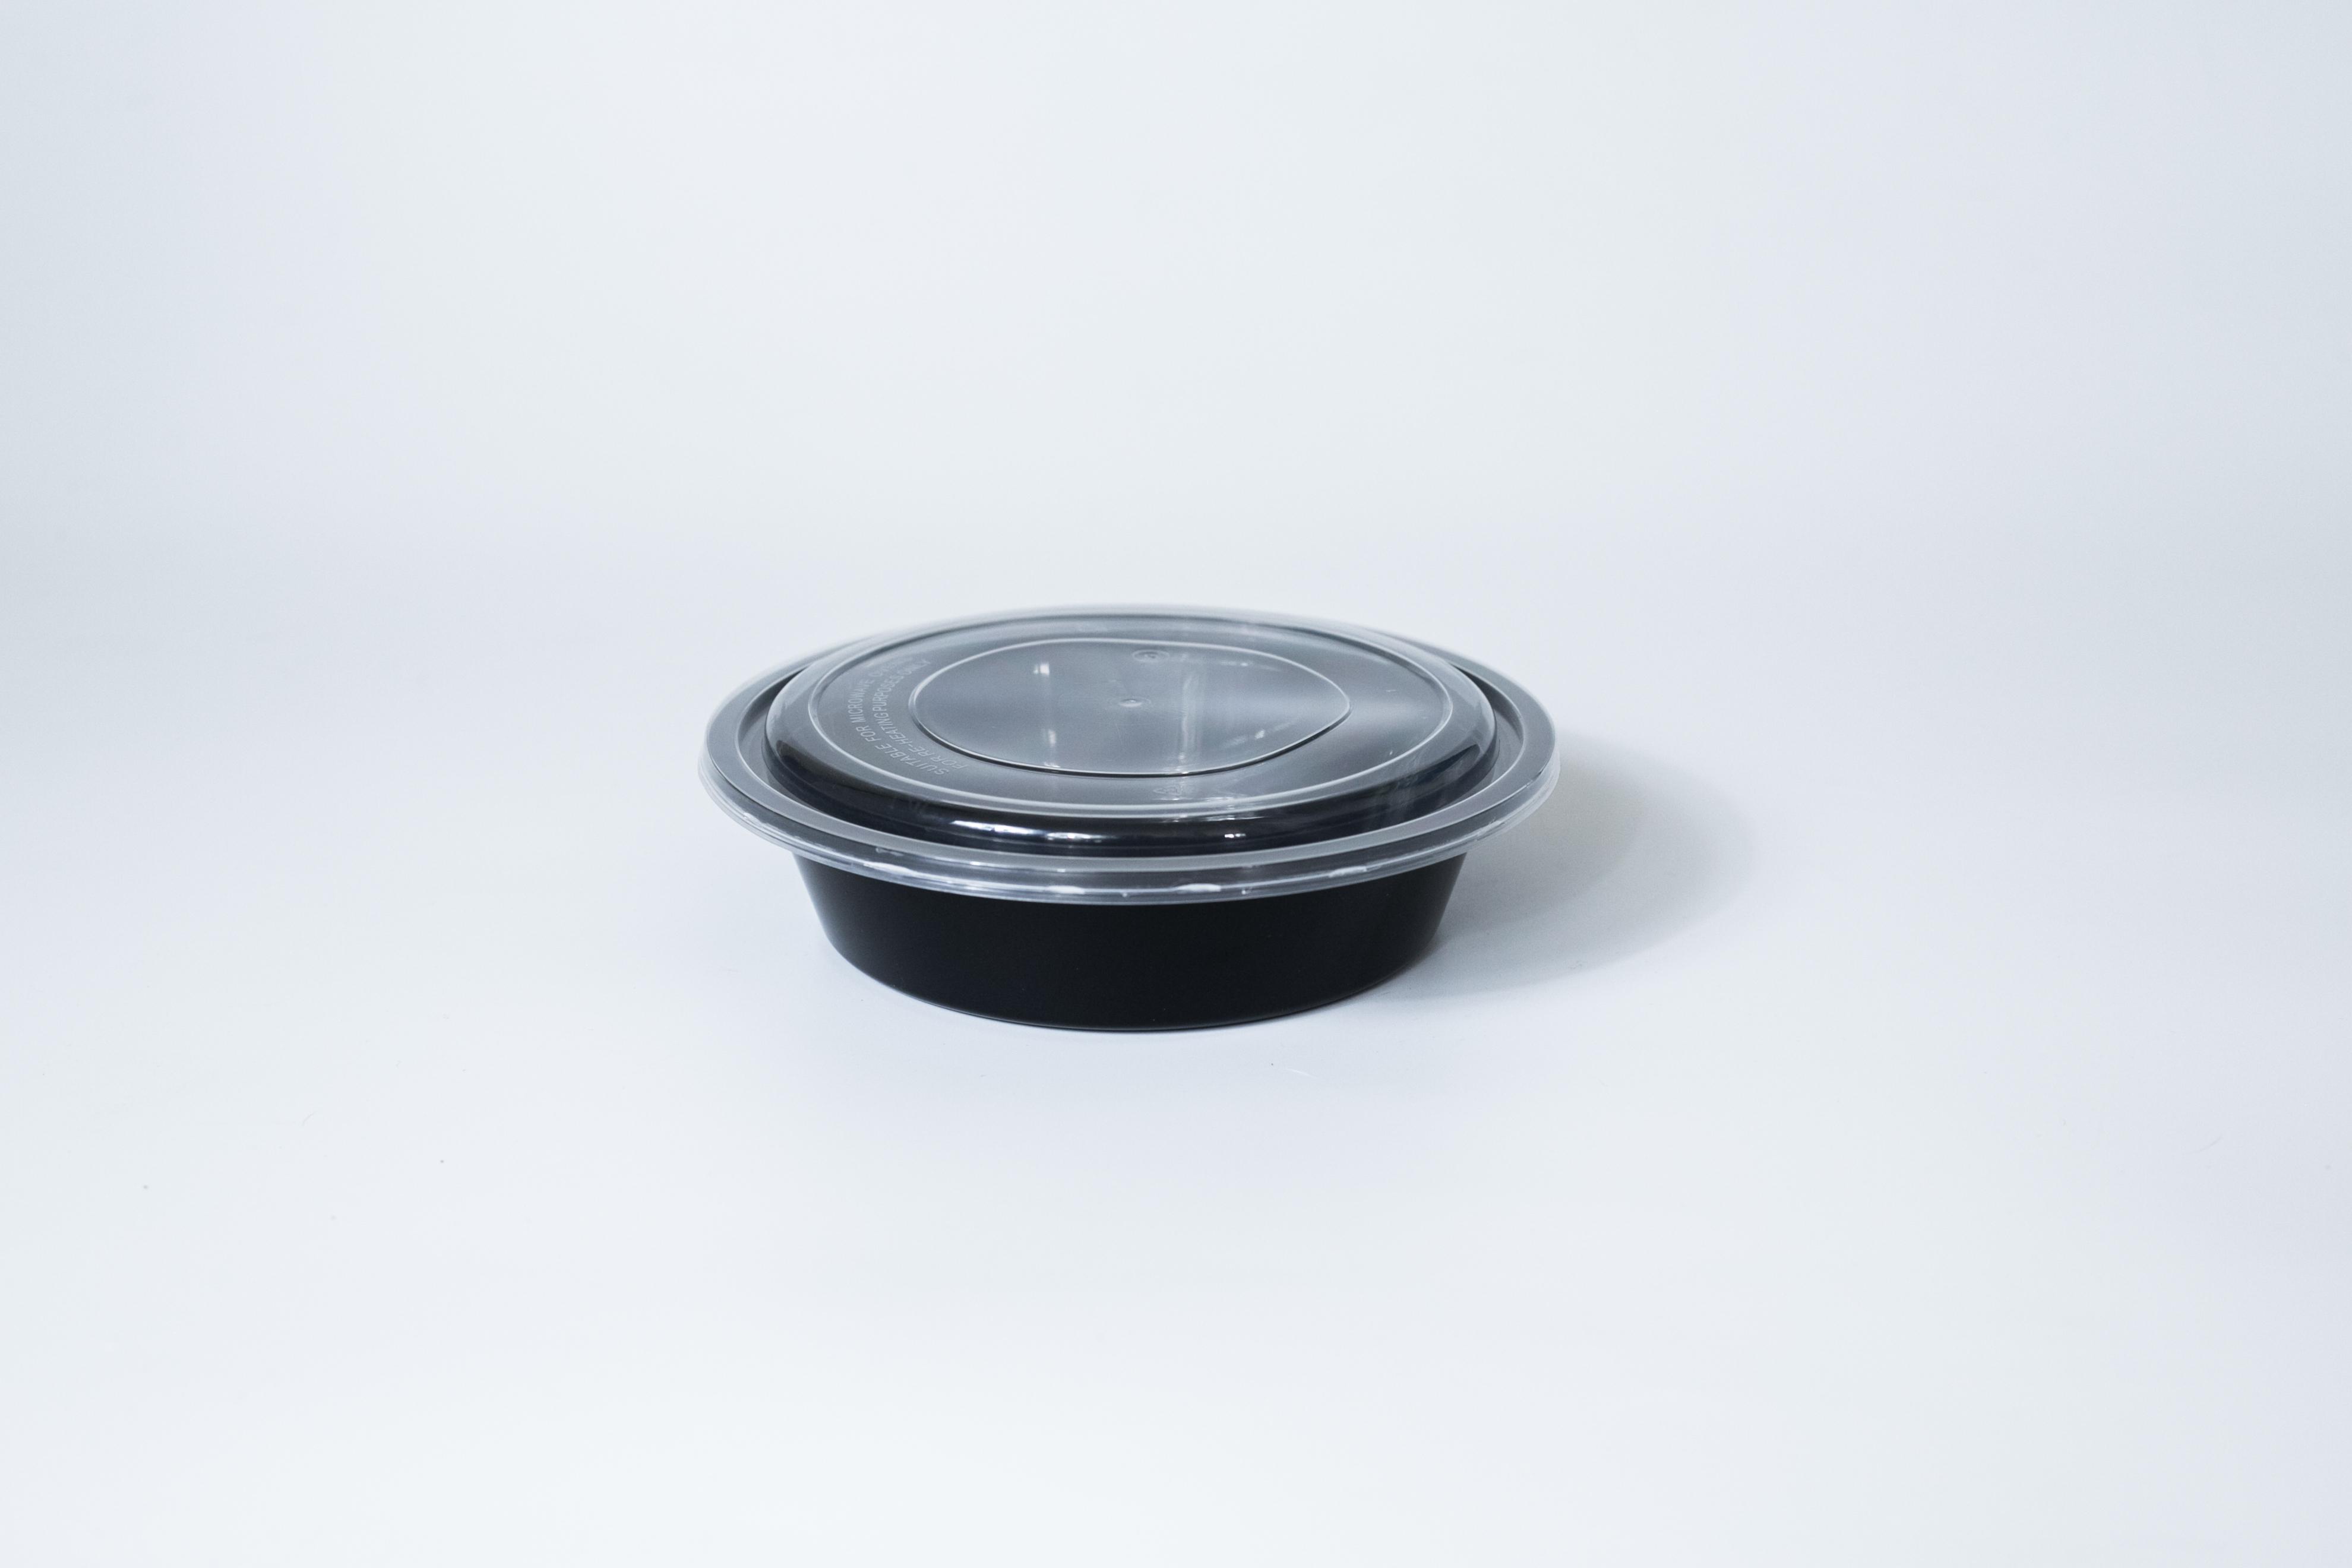 ชามพลาสติกพร้อมฝา premium 700ml สีดำ